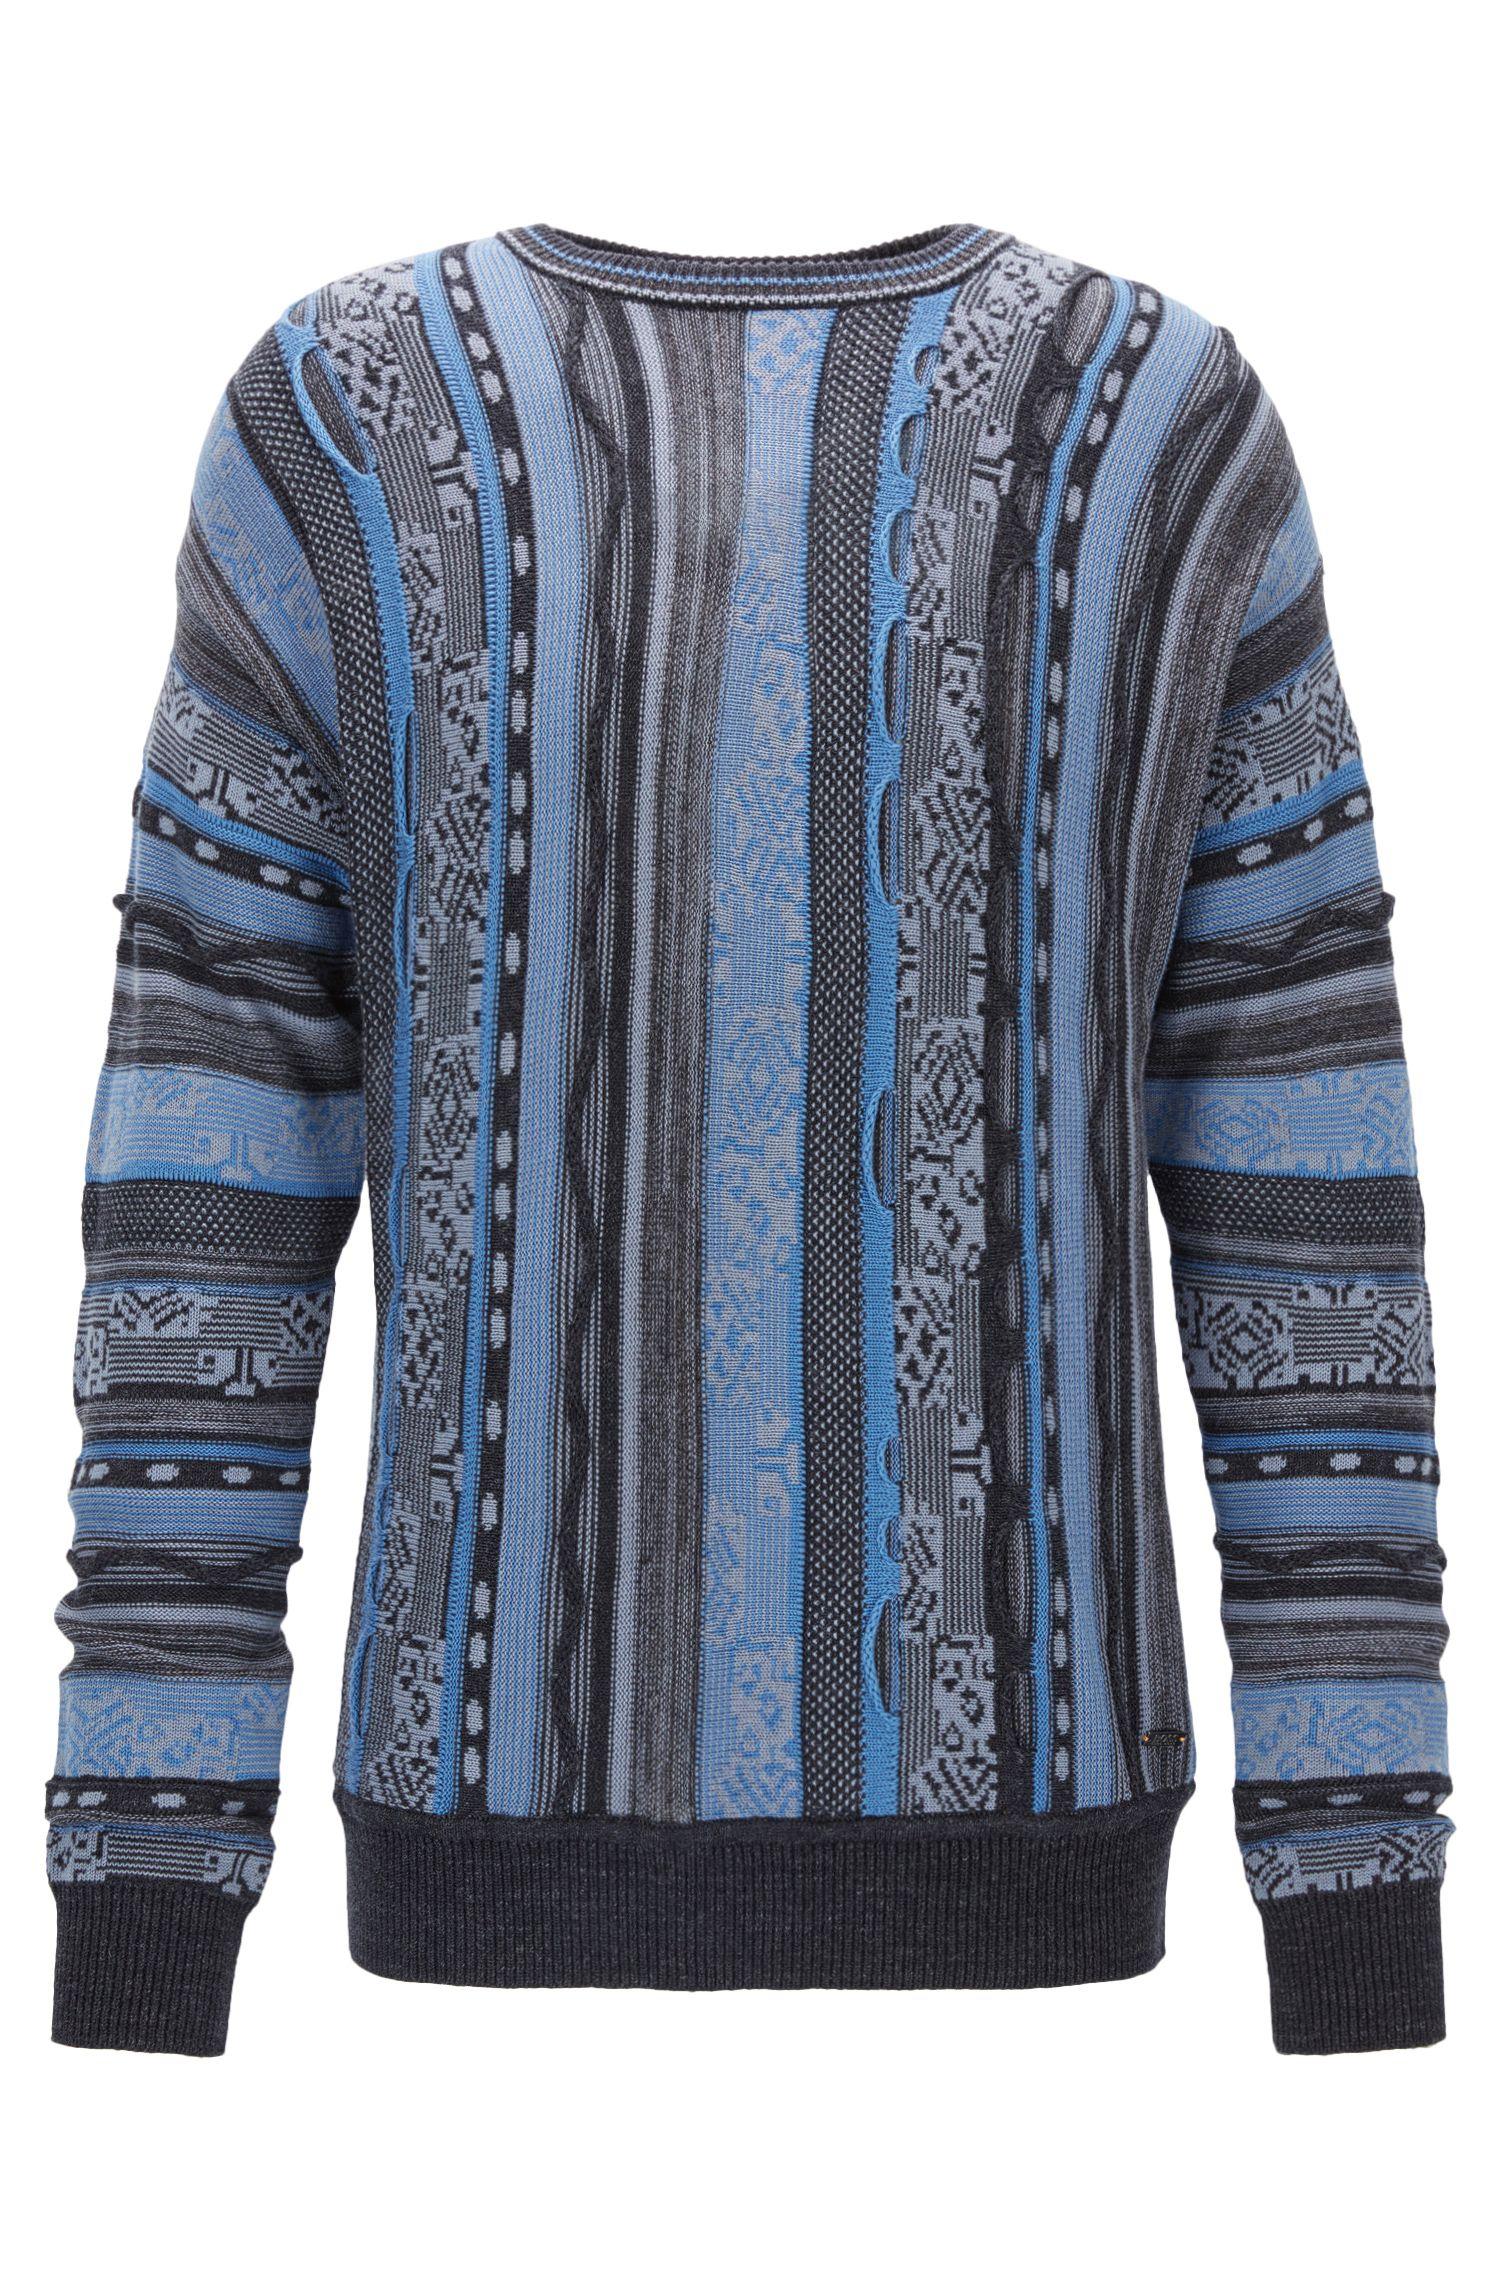 Jersey en mezcla de algodón con rayas con textura